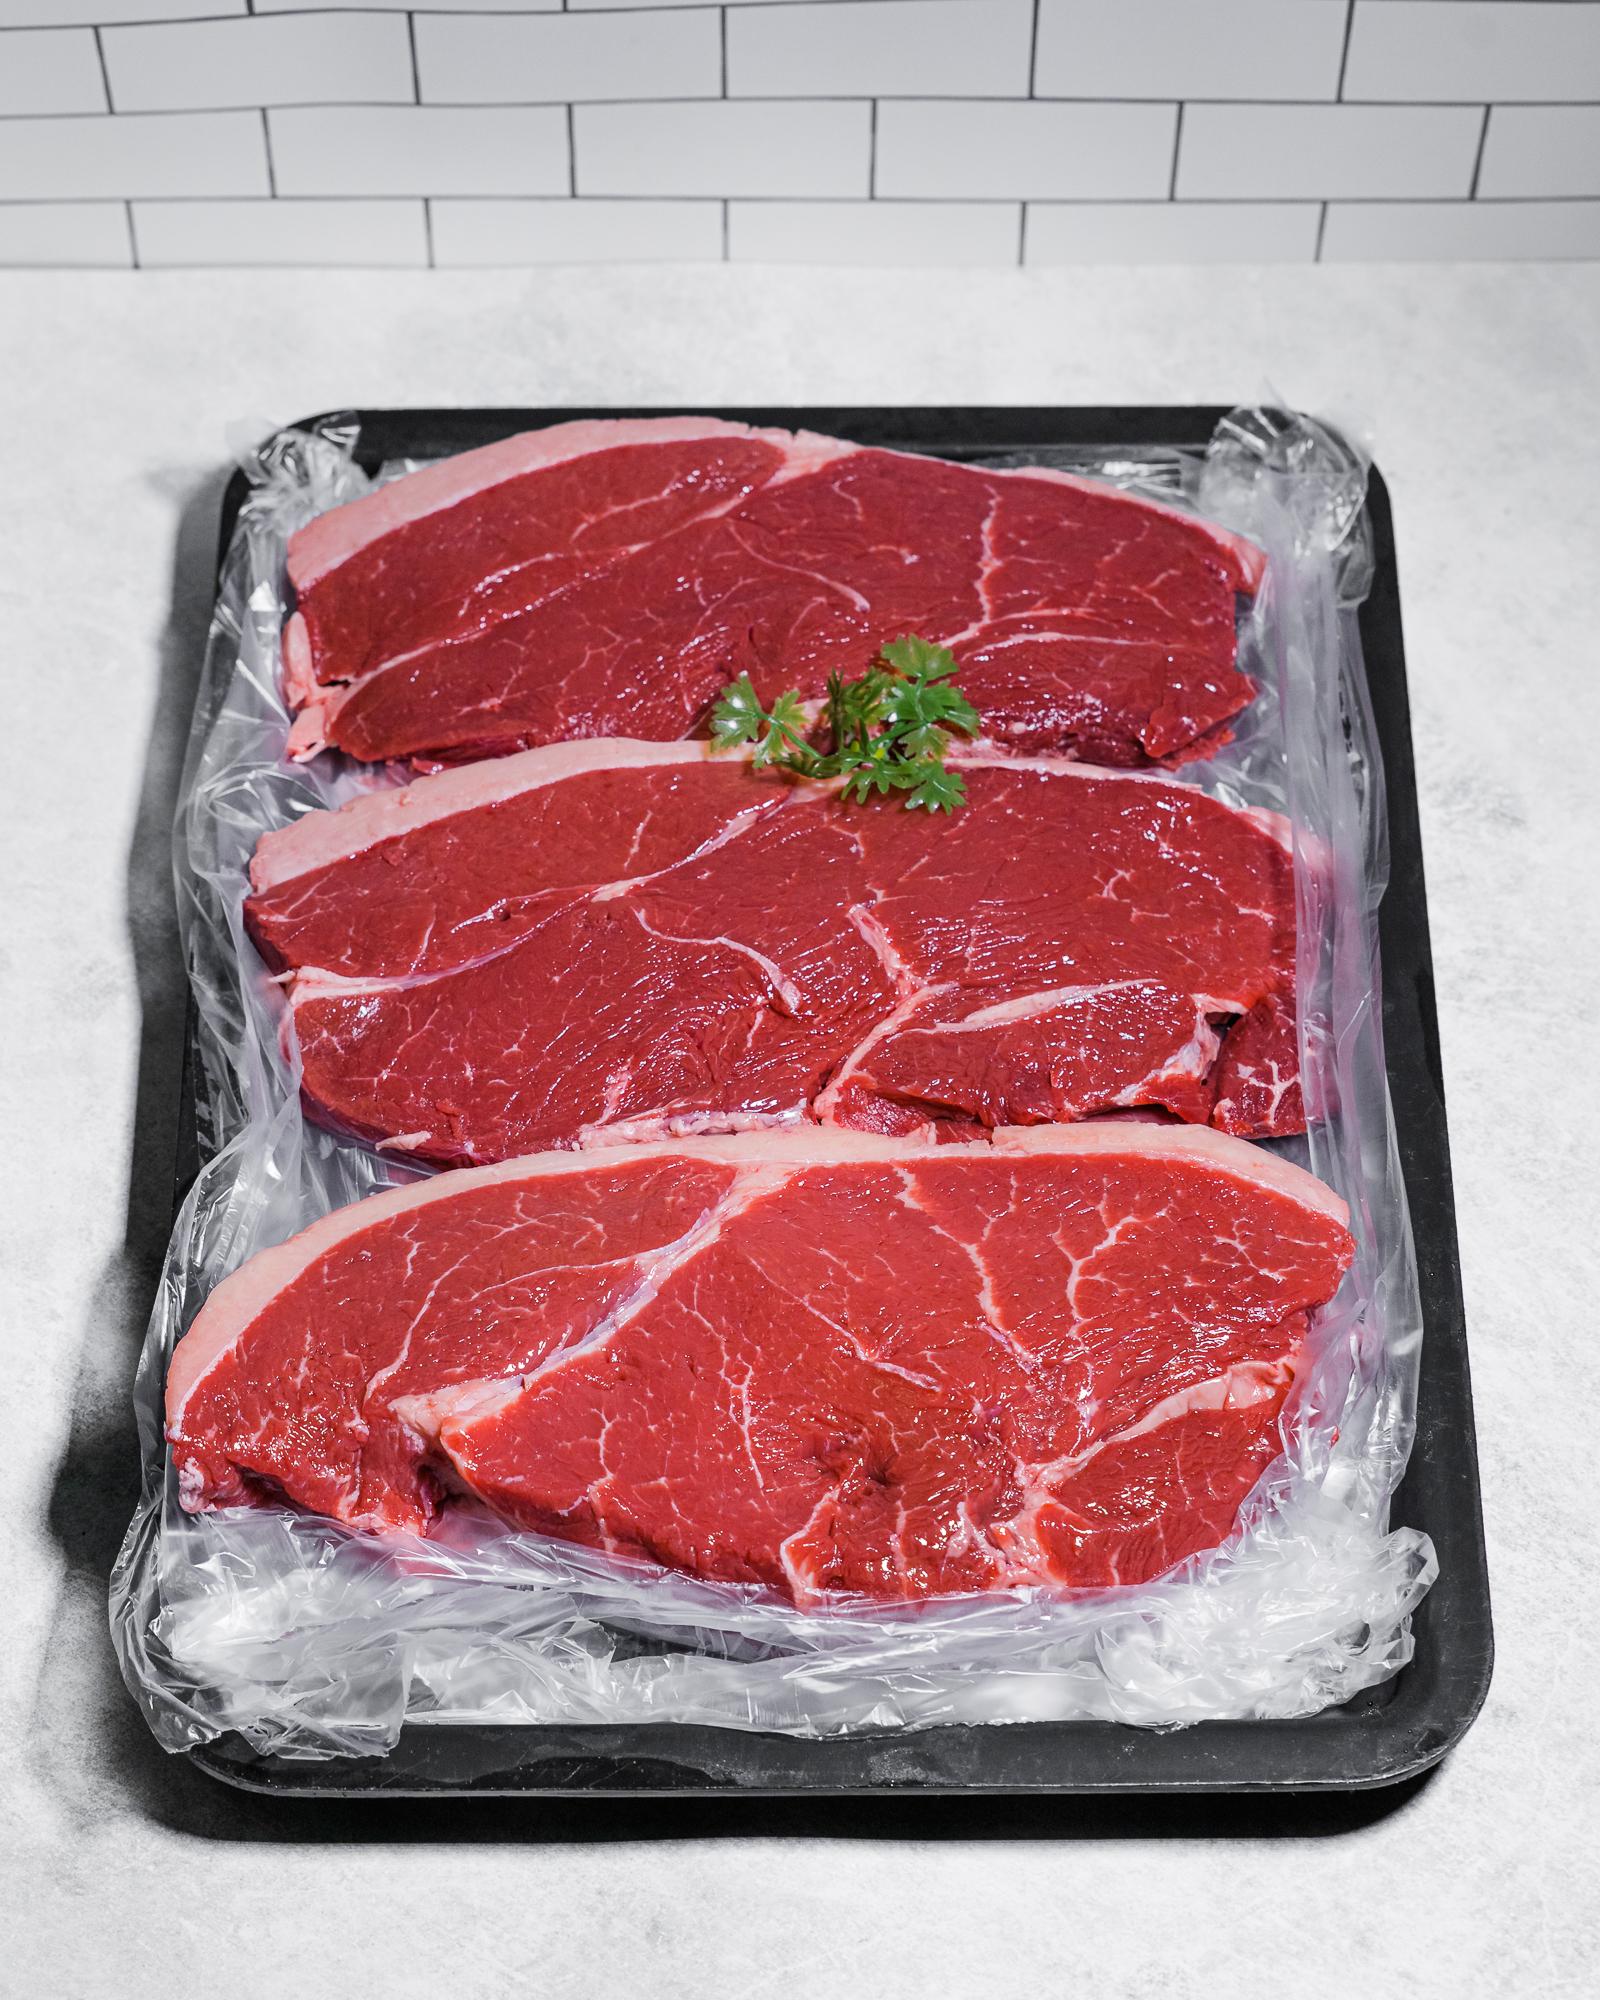 Best butcher shop Queensland, Australia